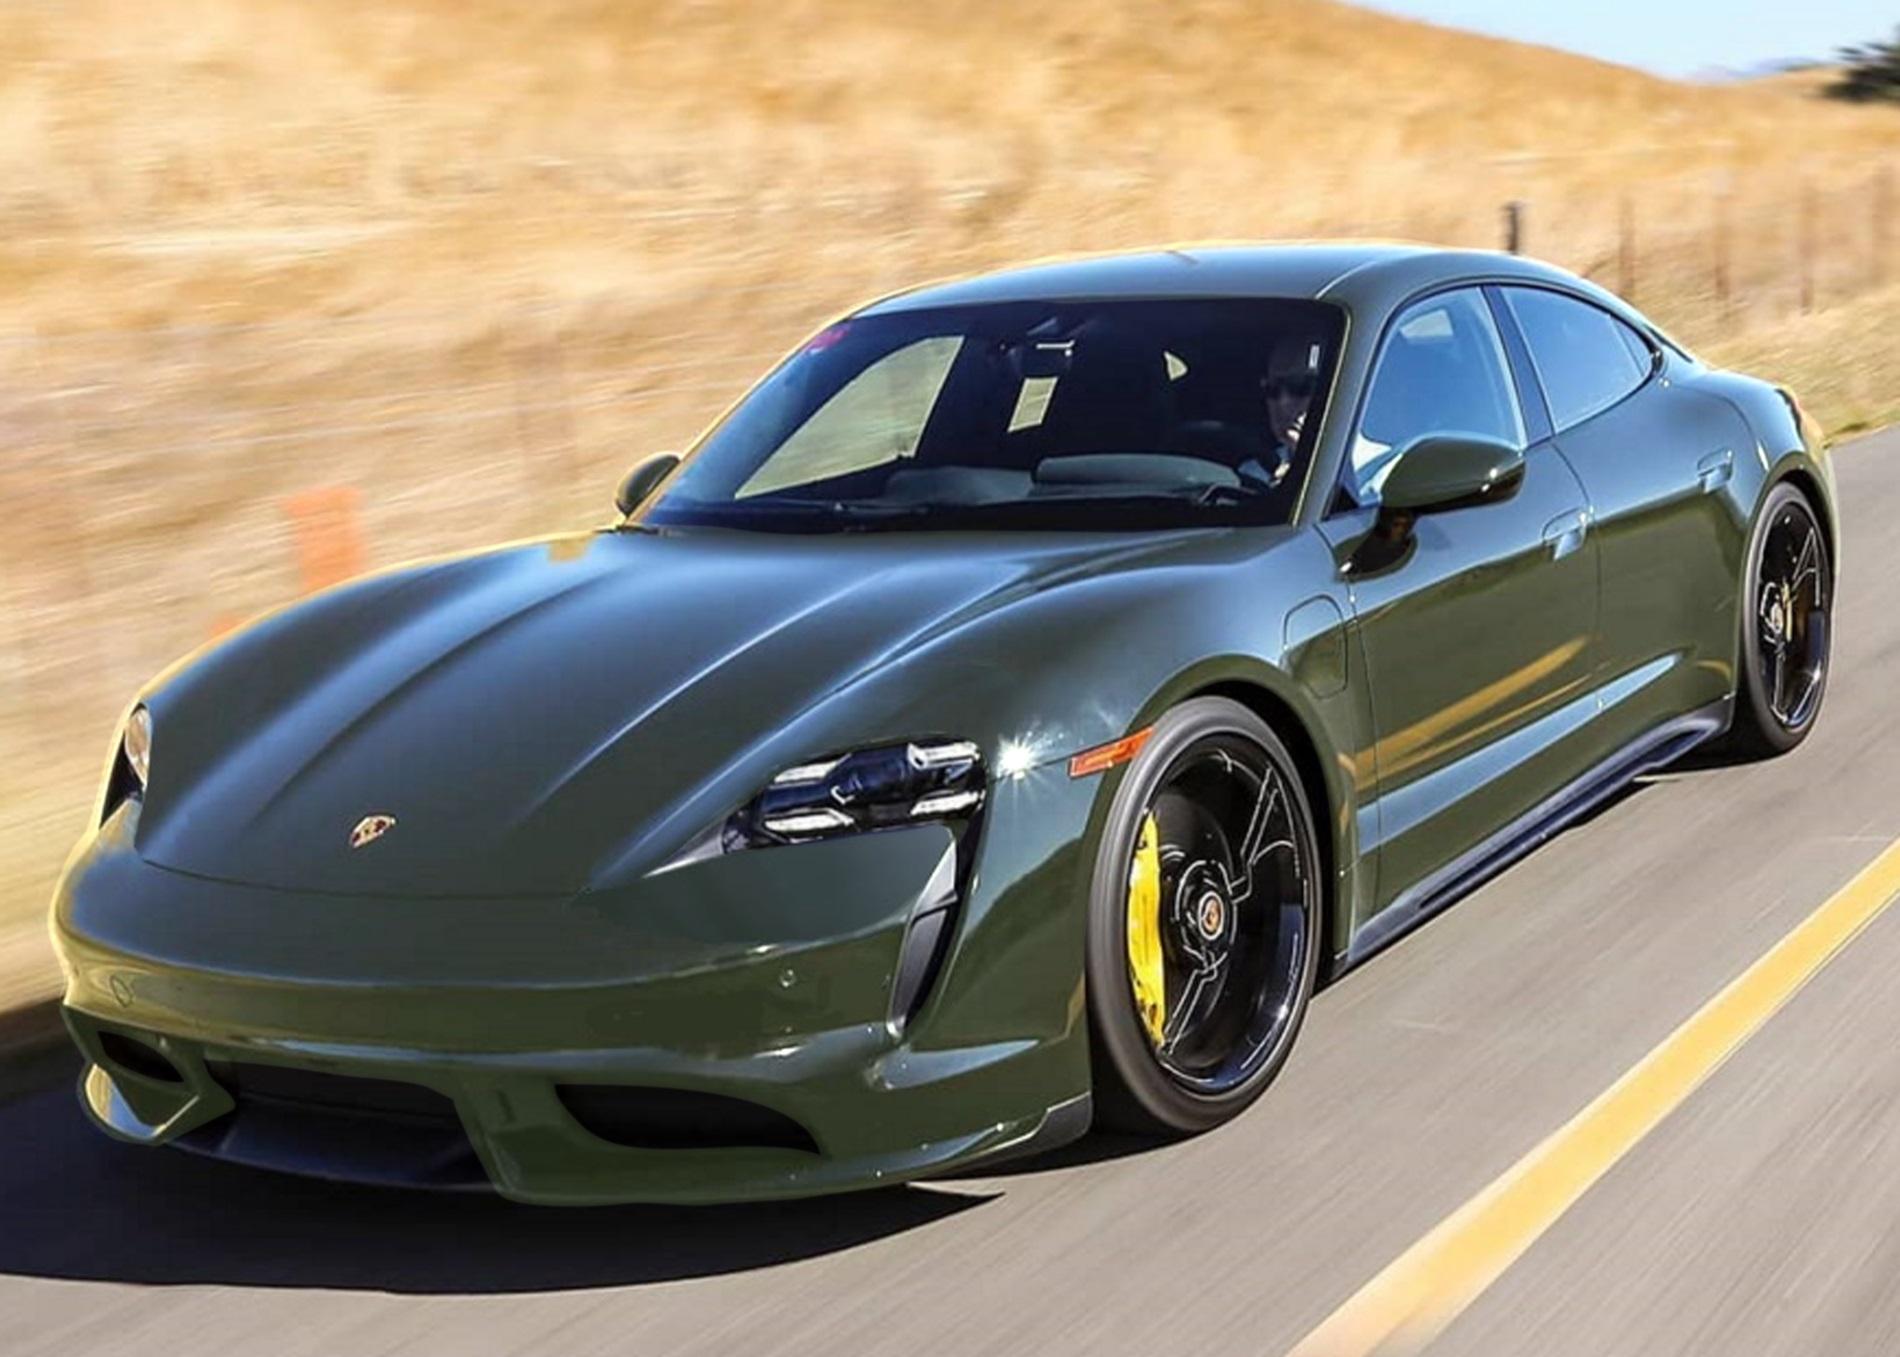 Porsche-Taycan-renderings-8